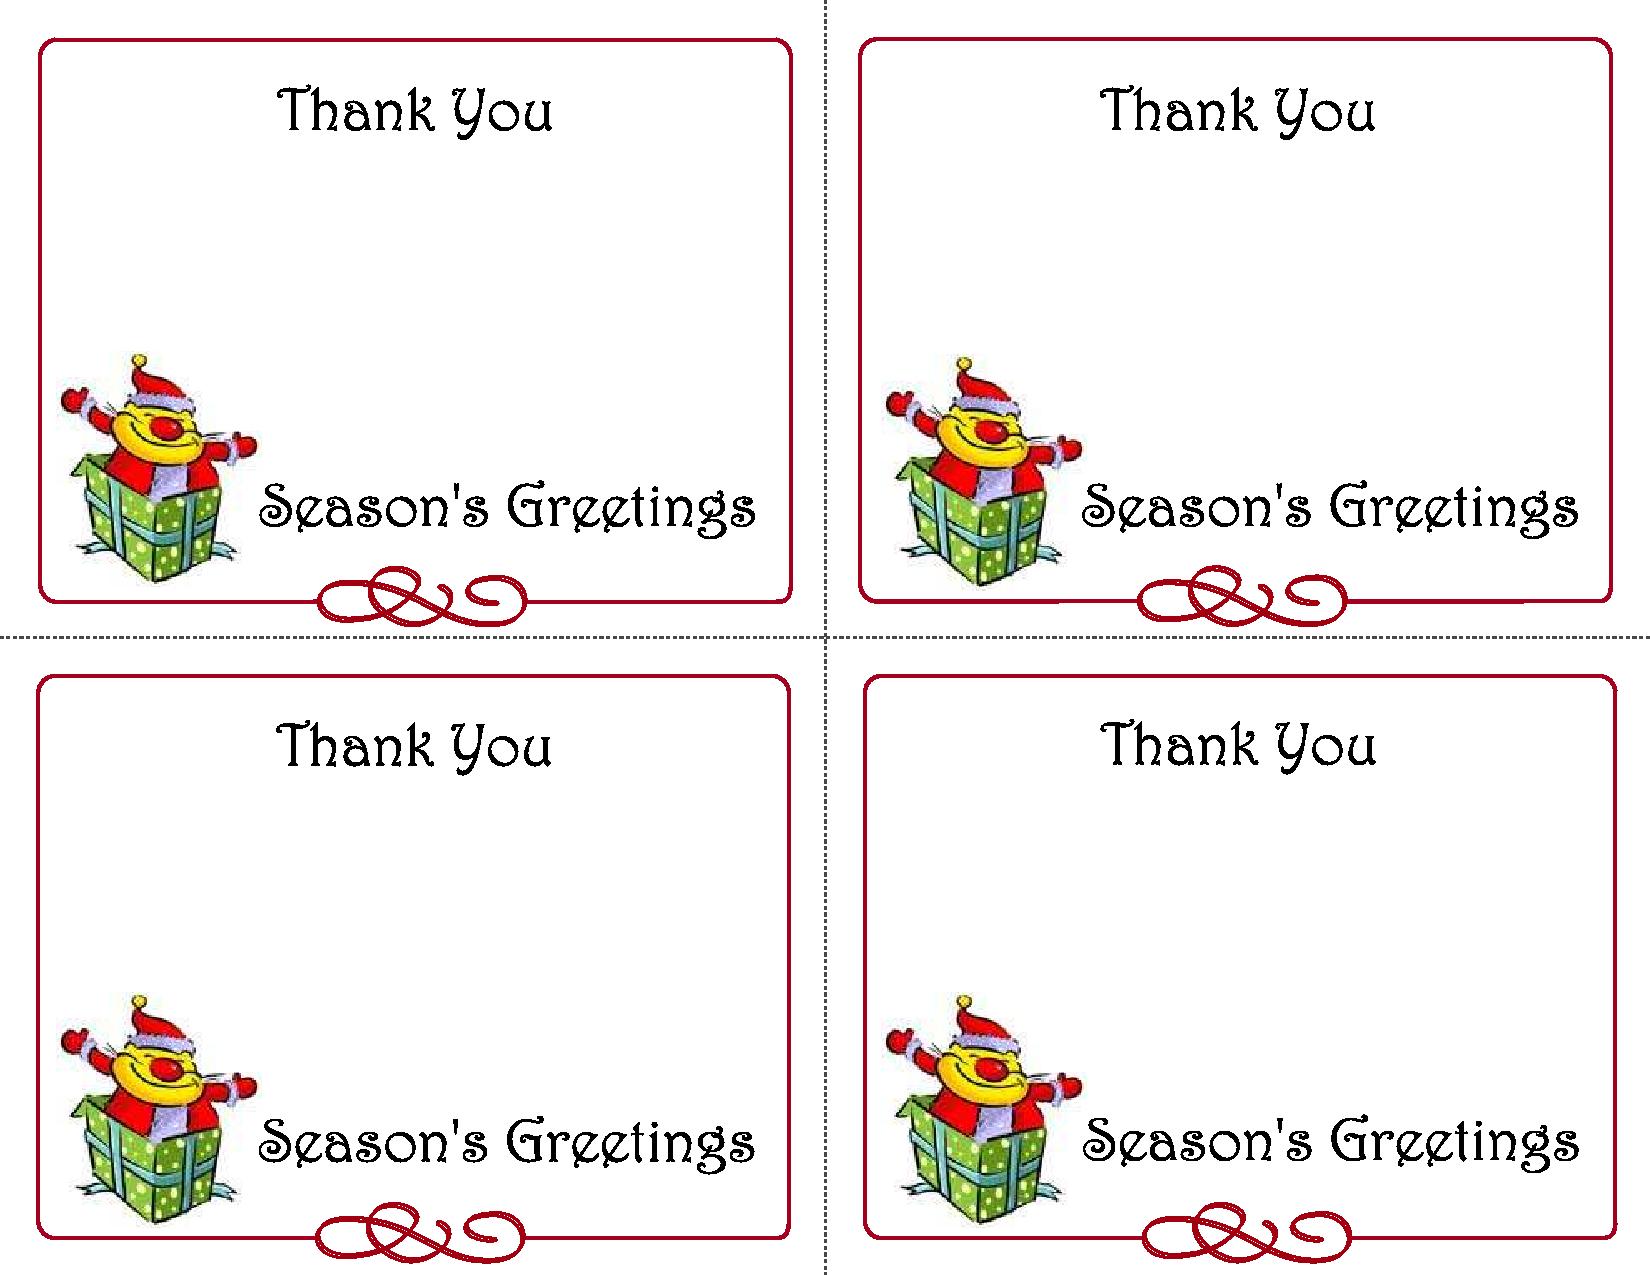 Free Printable Christmas Thank You Card Templates